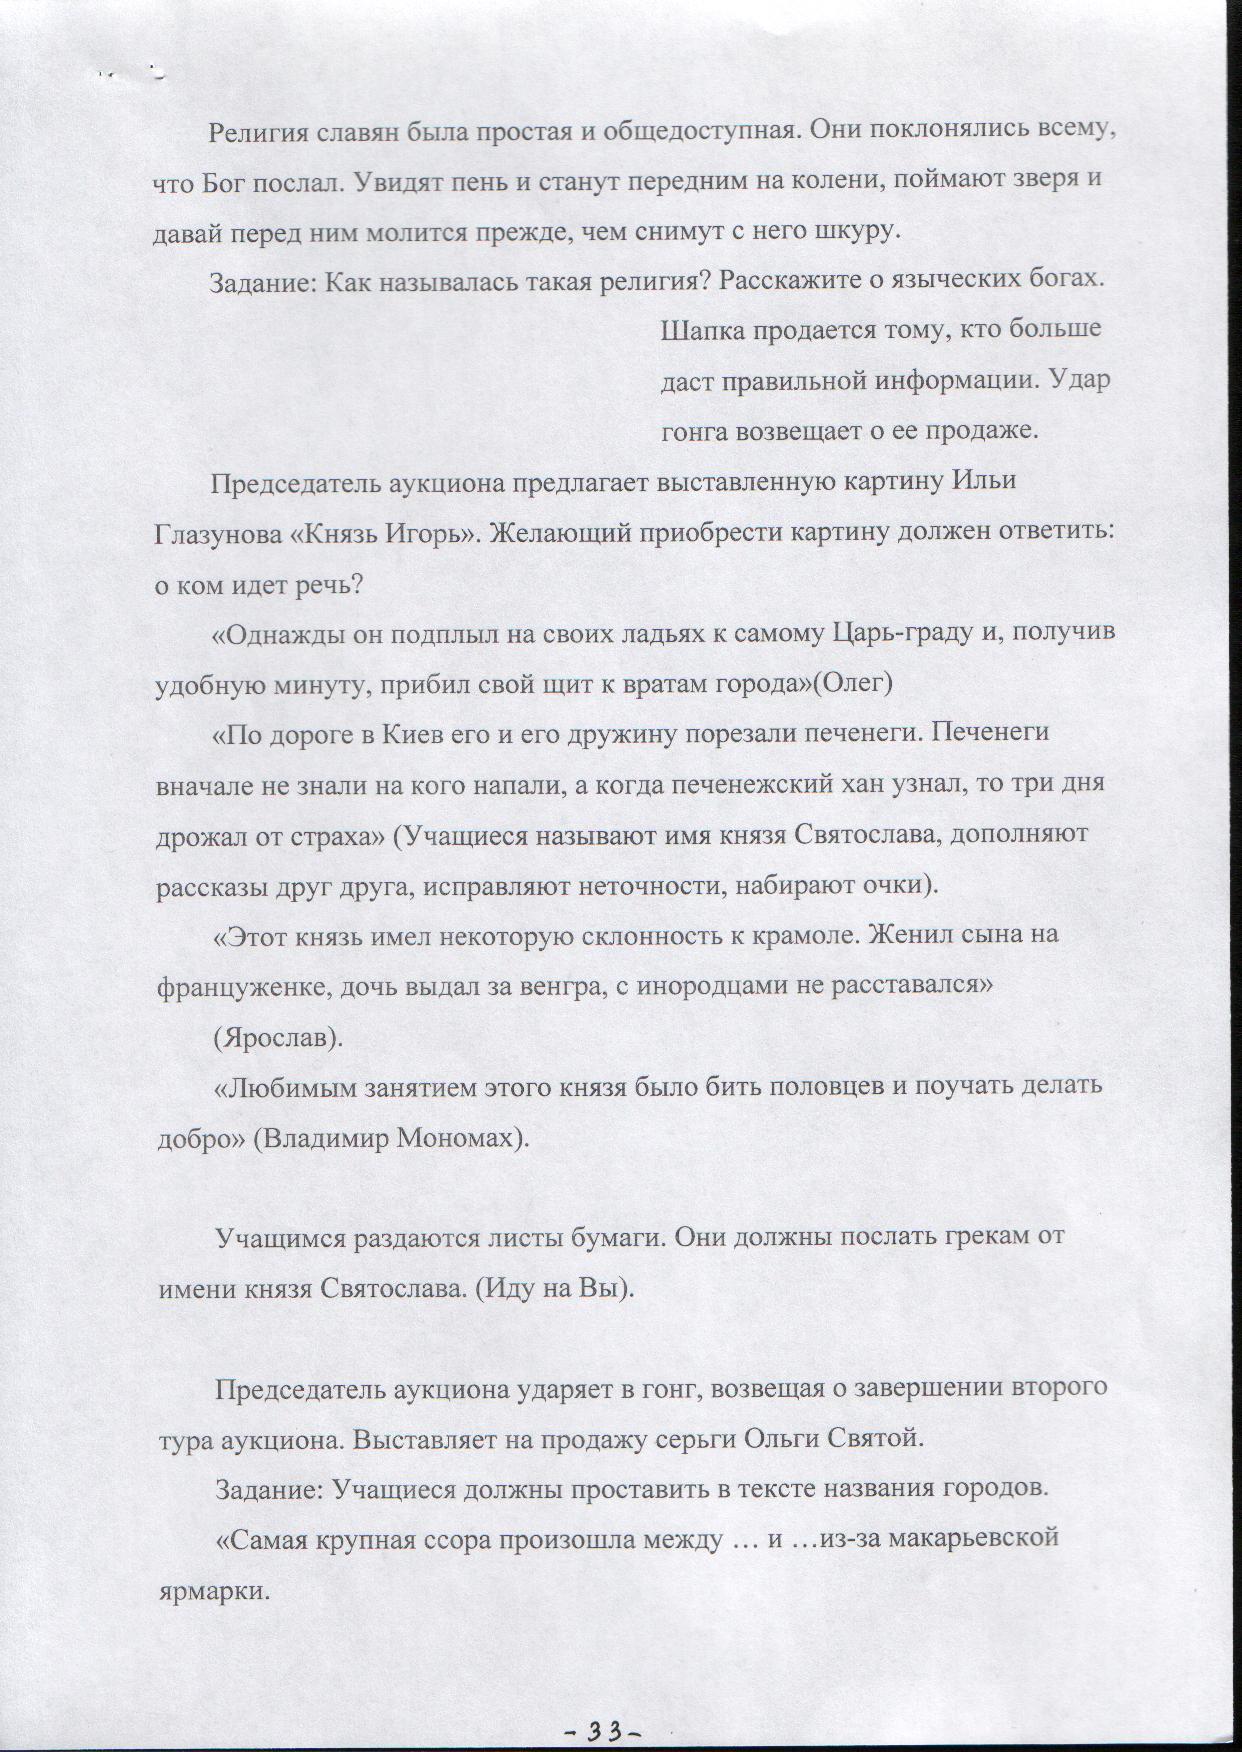 C:\Documents and Settings\елена\Рабочий стол\экономическое развитие России в XVII в\6.jpg